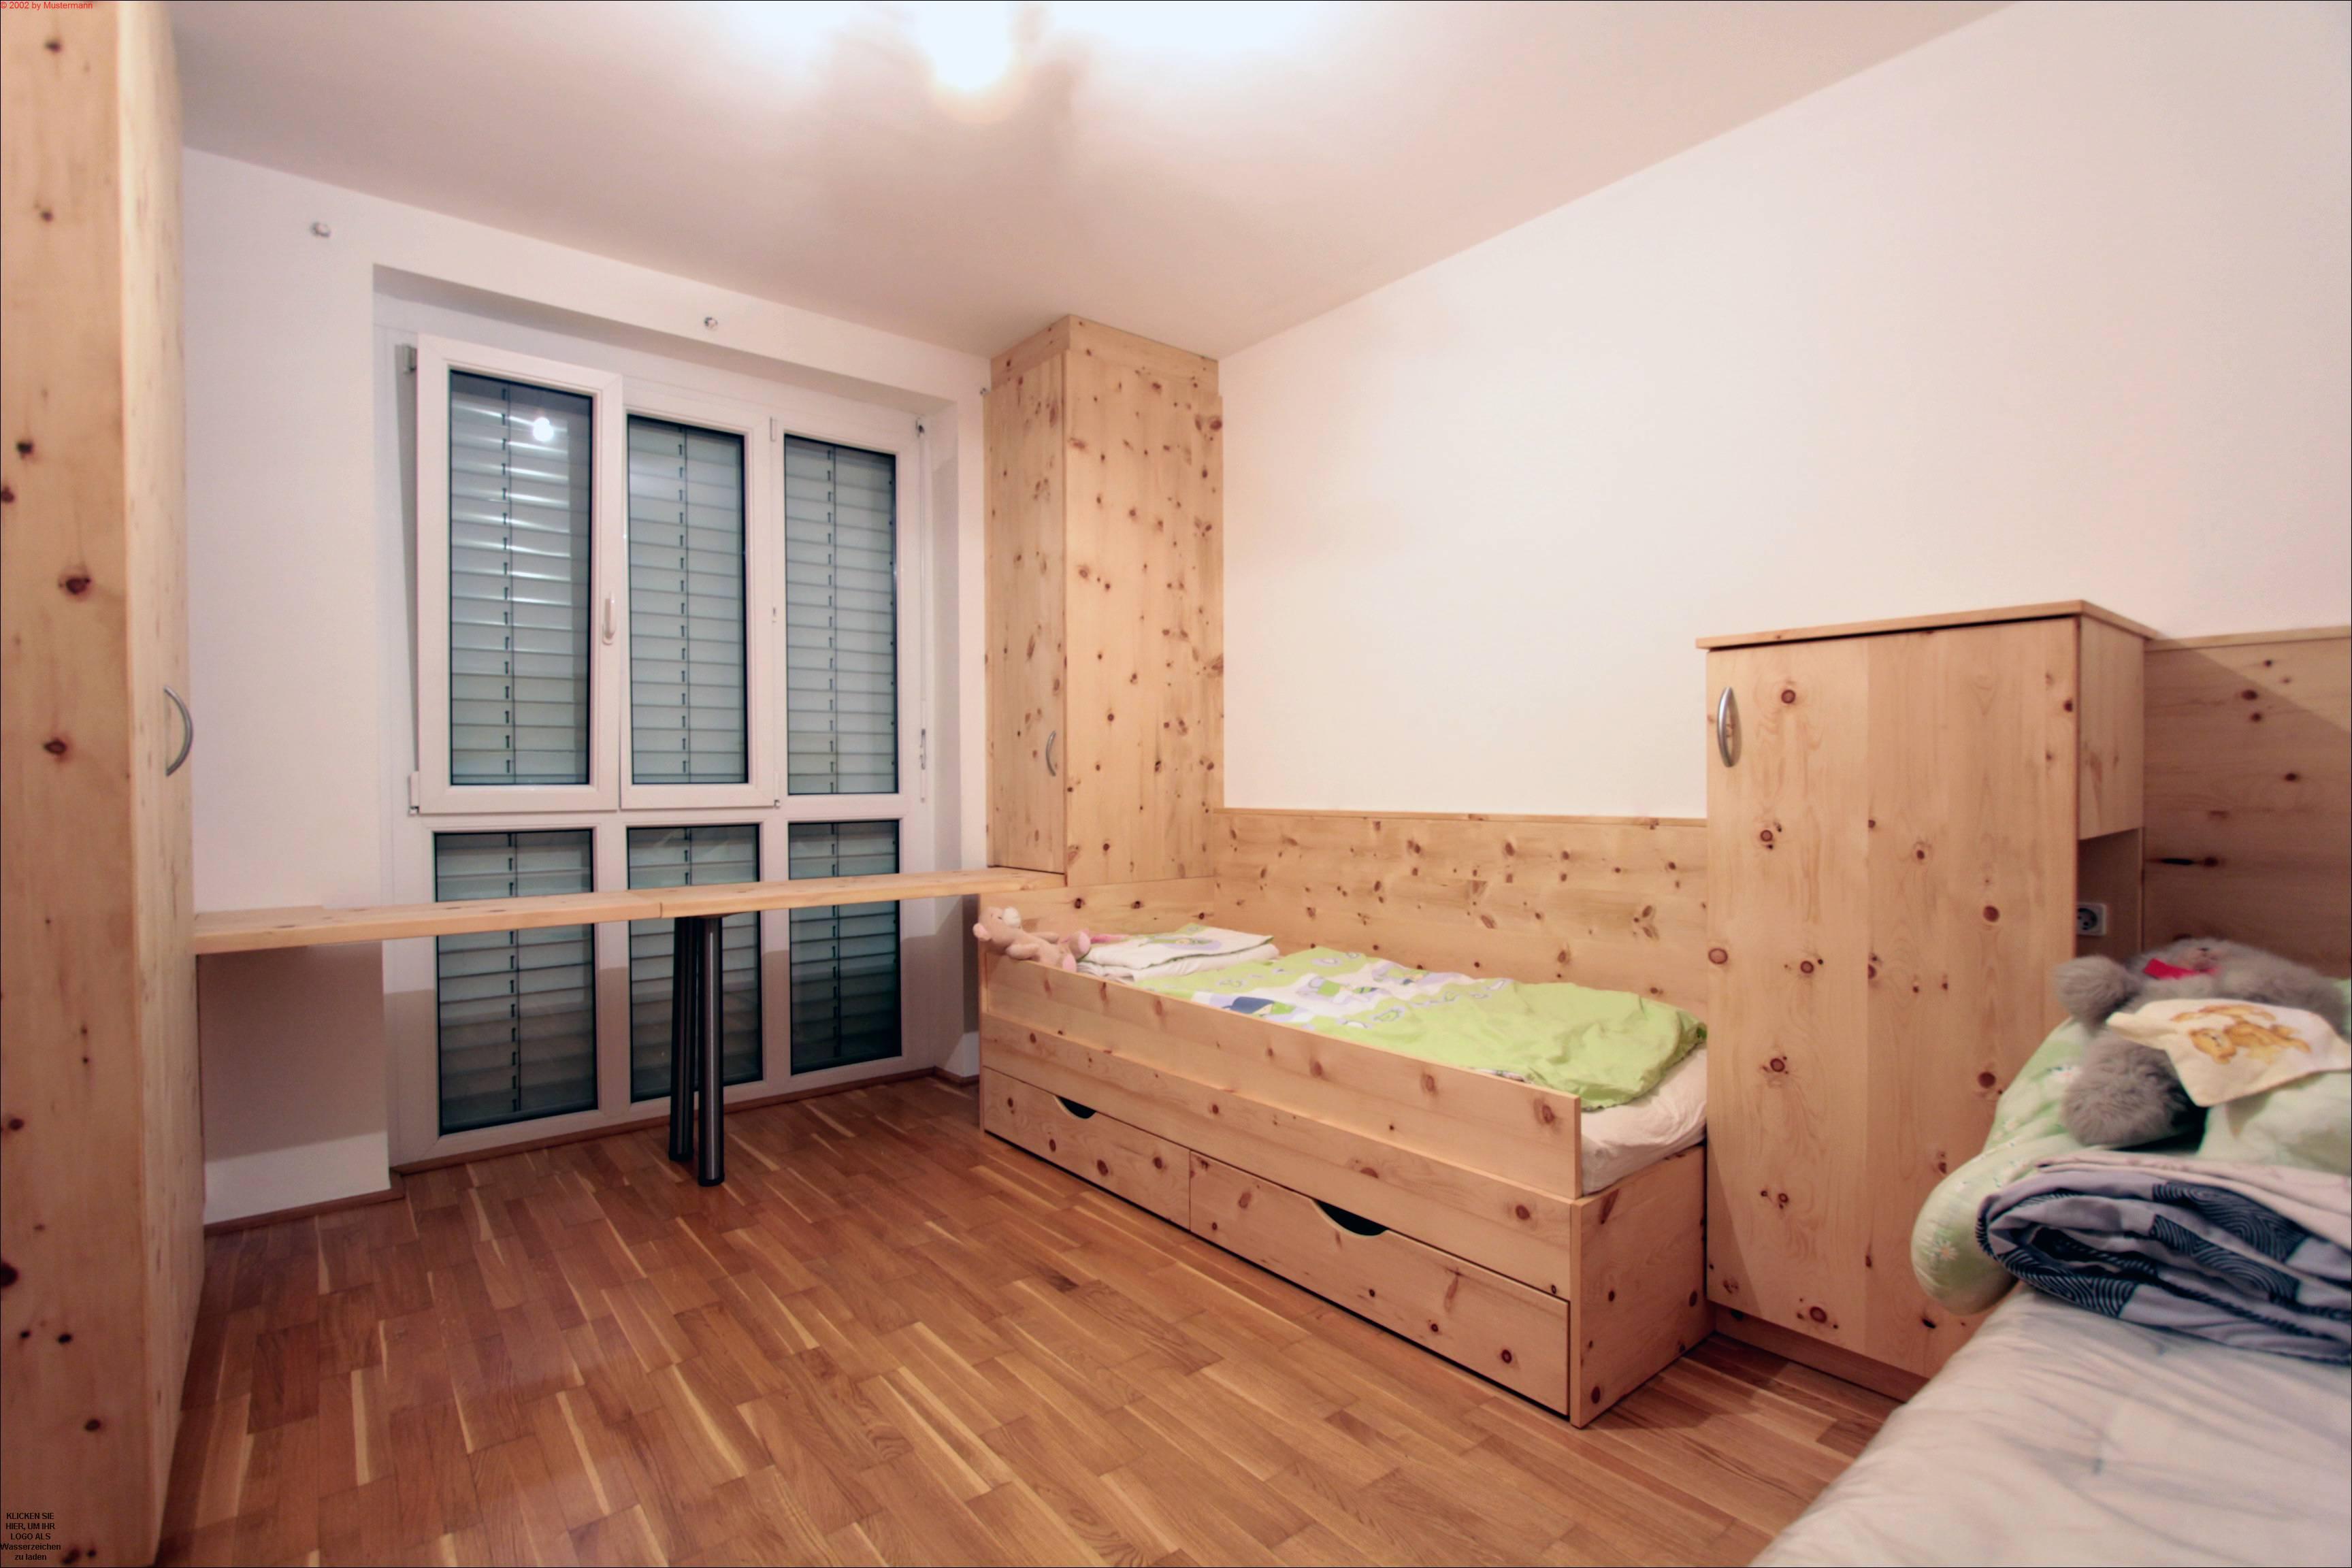 kinderzimmer in zirbenholz - listberger tischlerei